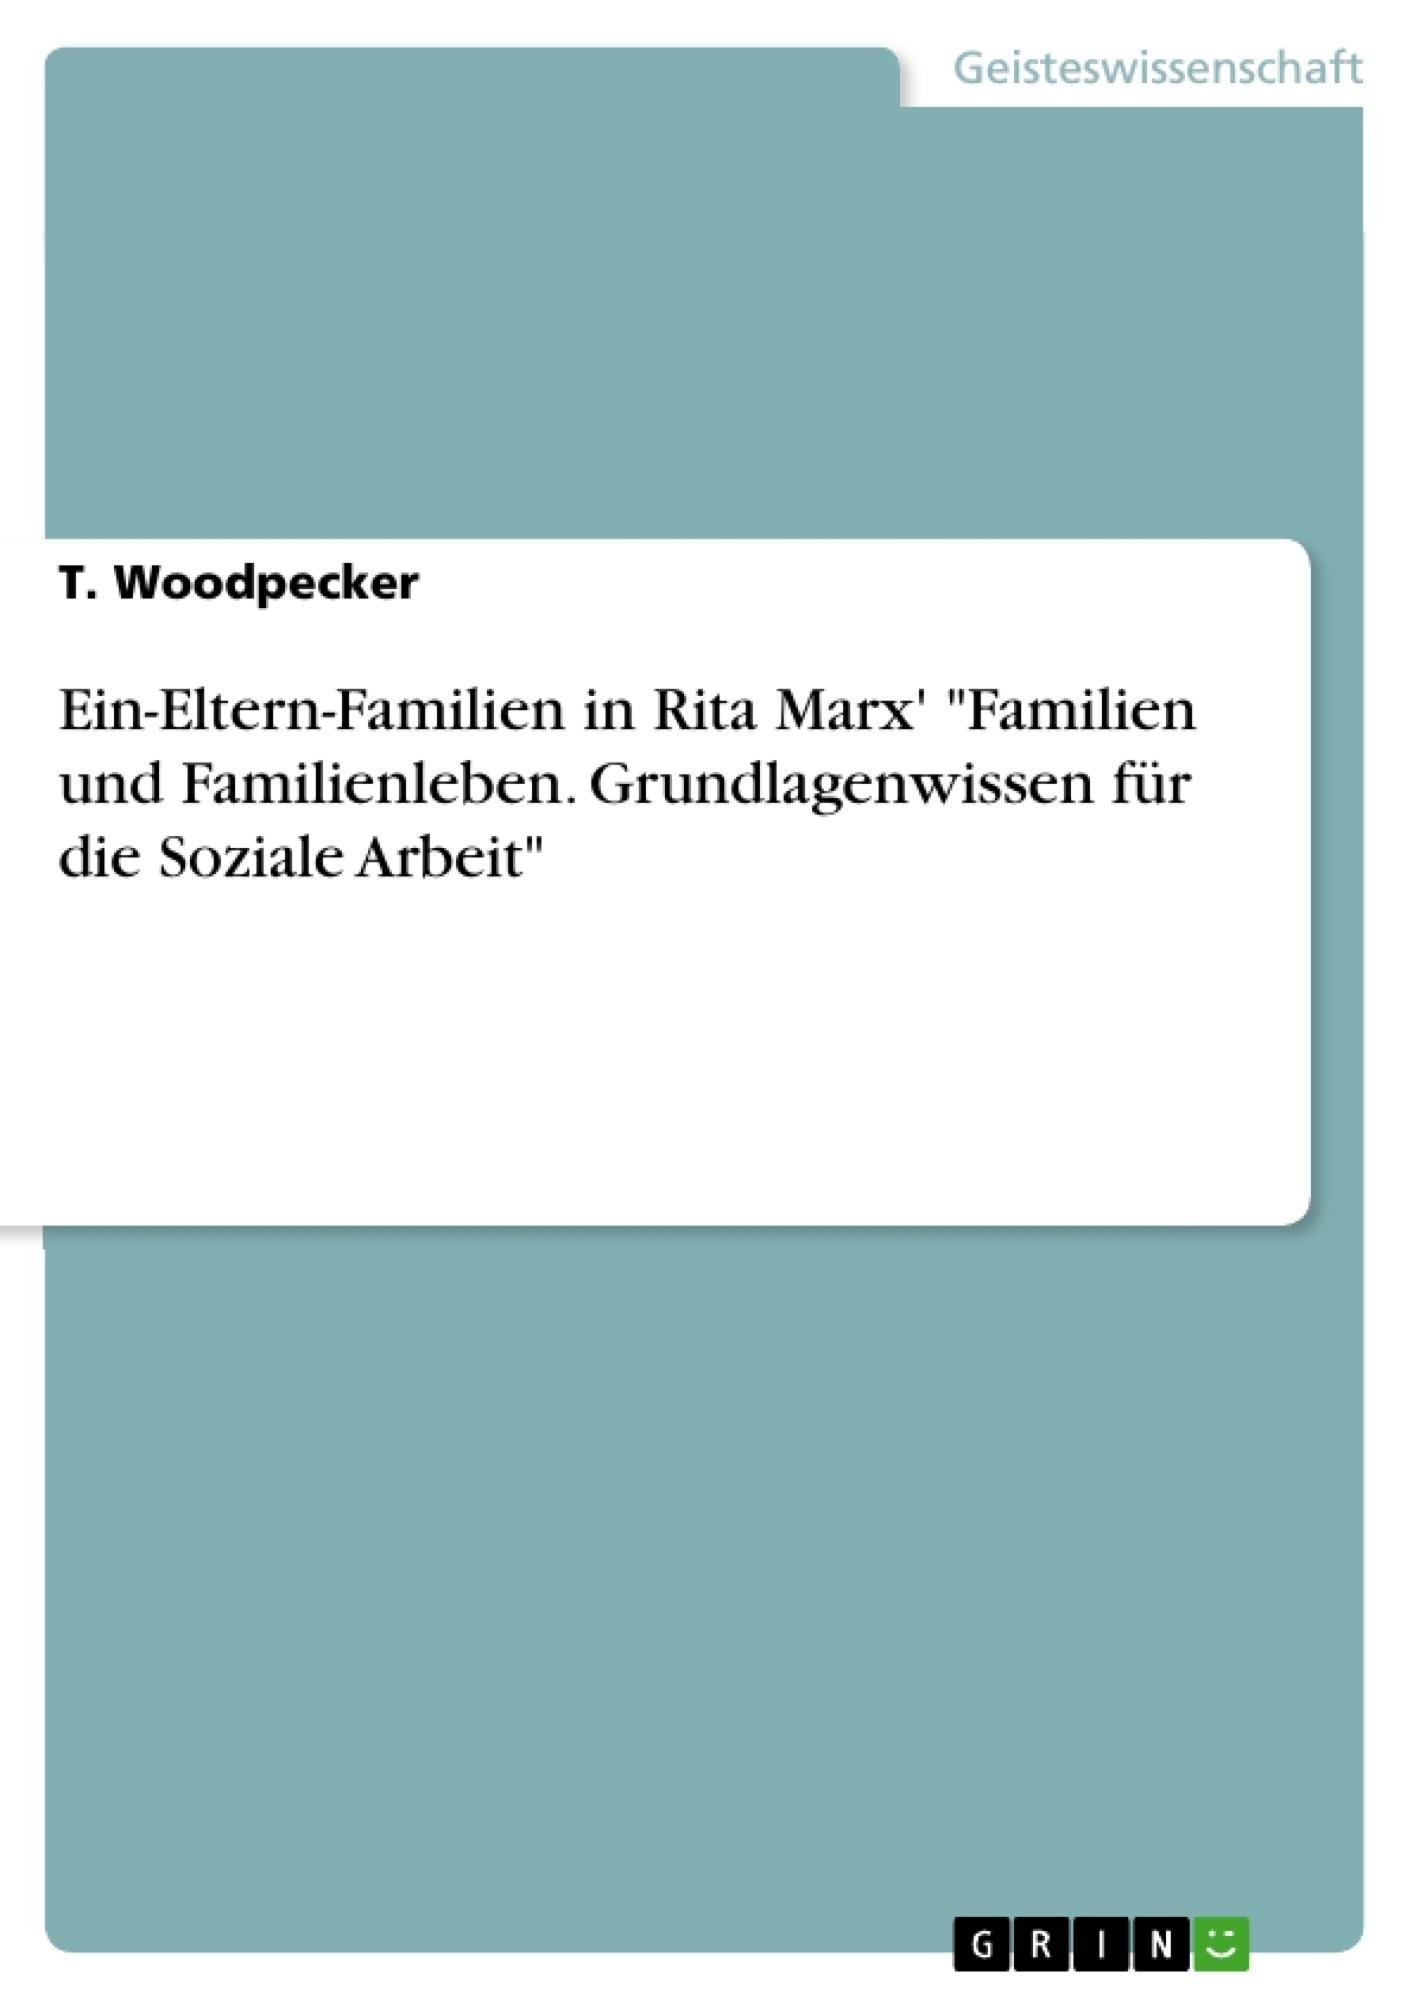 """Titel: Ein-Eltern-Familien in Rita Marx' """"Familien und Familienleben. Grundlagenwissen für die Soziale Arbeit"""""""